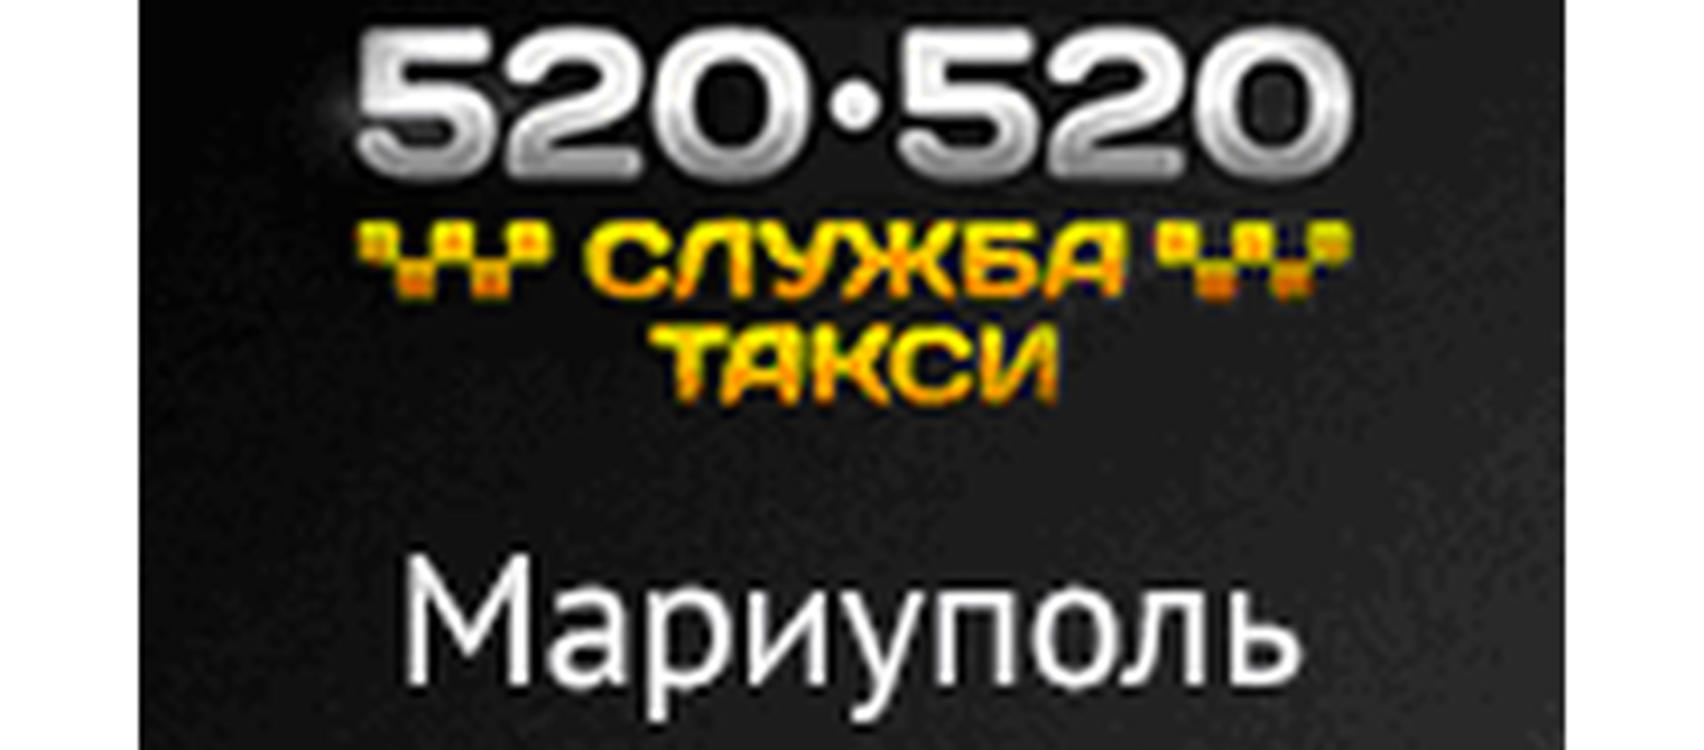 Таксі 520-520  (Мариупіль)